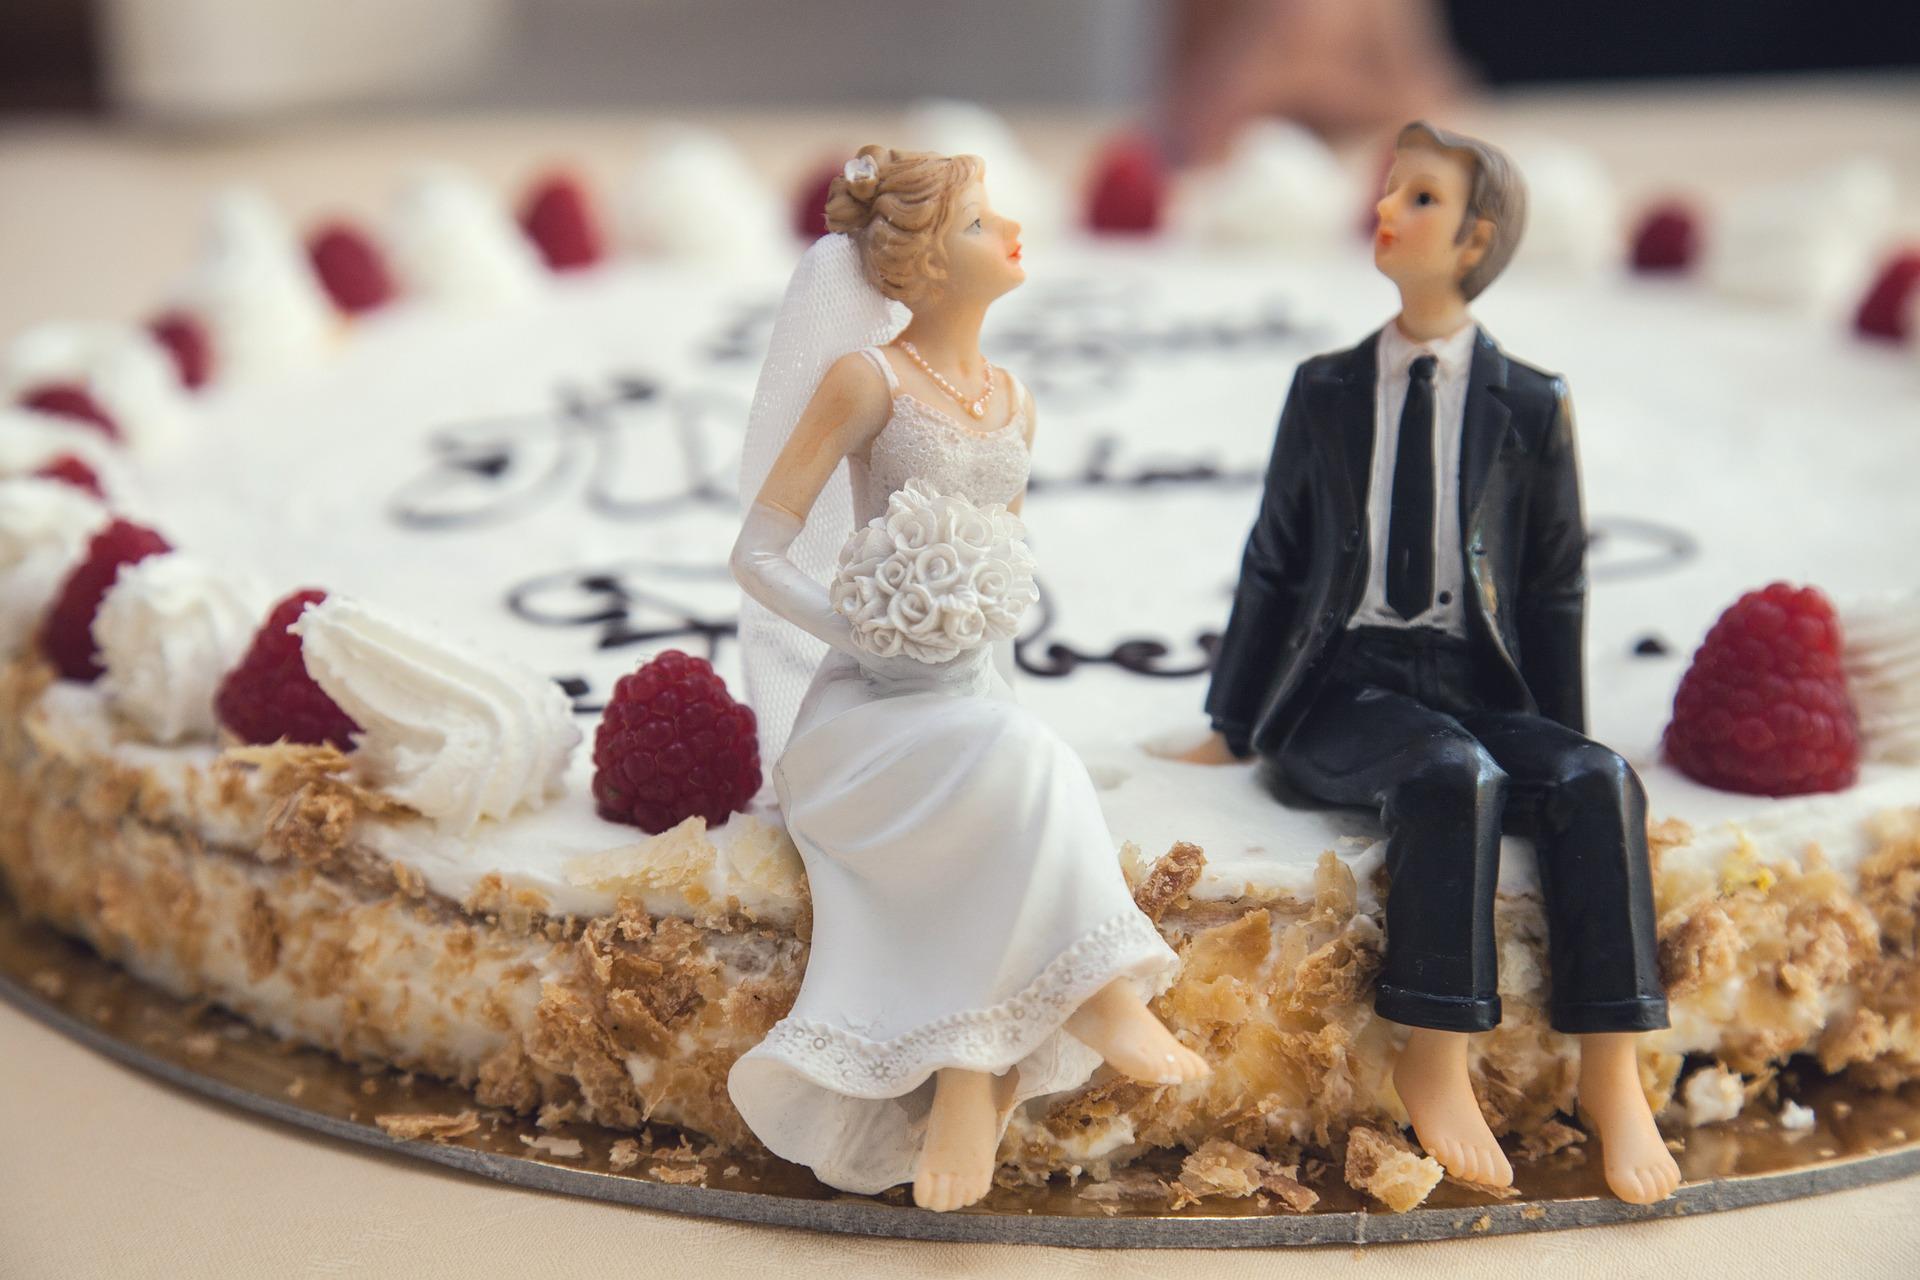 結婚相談所の開業資金を抑えたいなら【フランチャイズ】